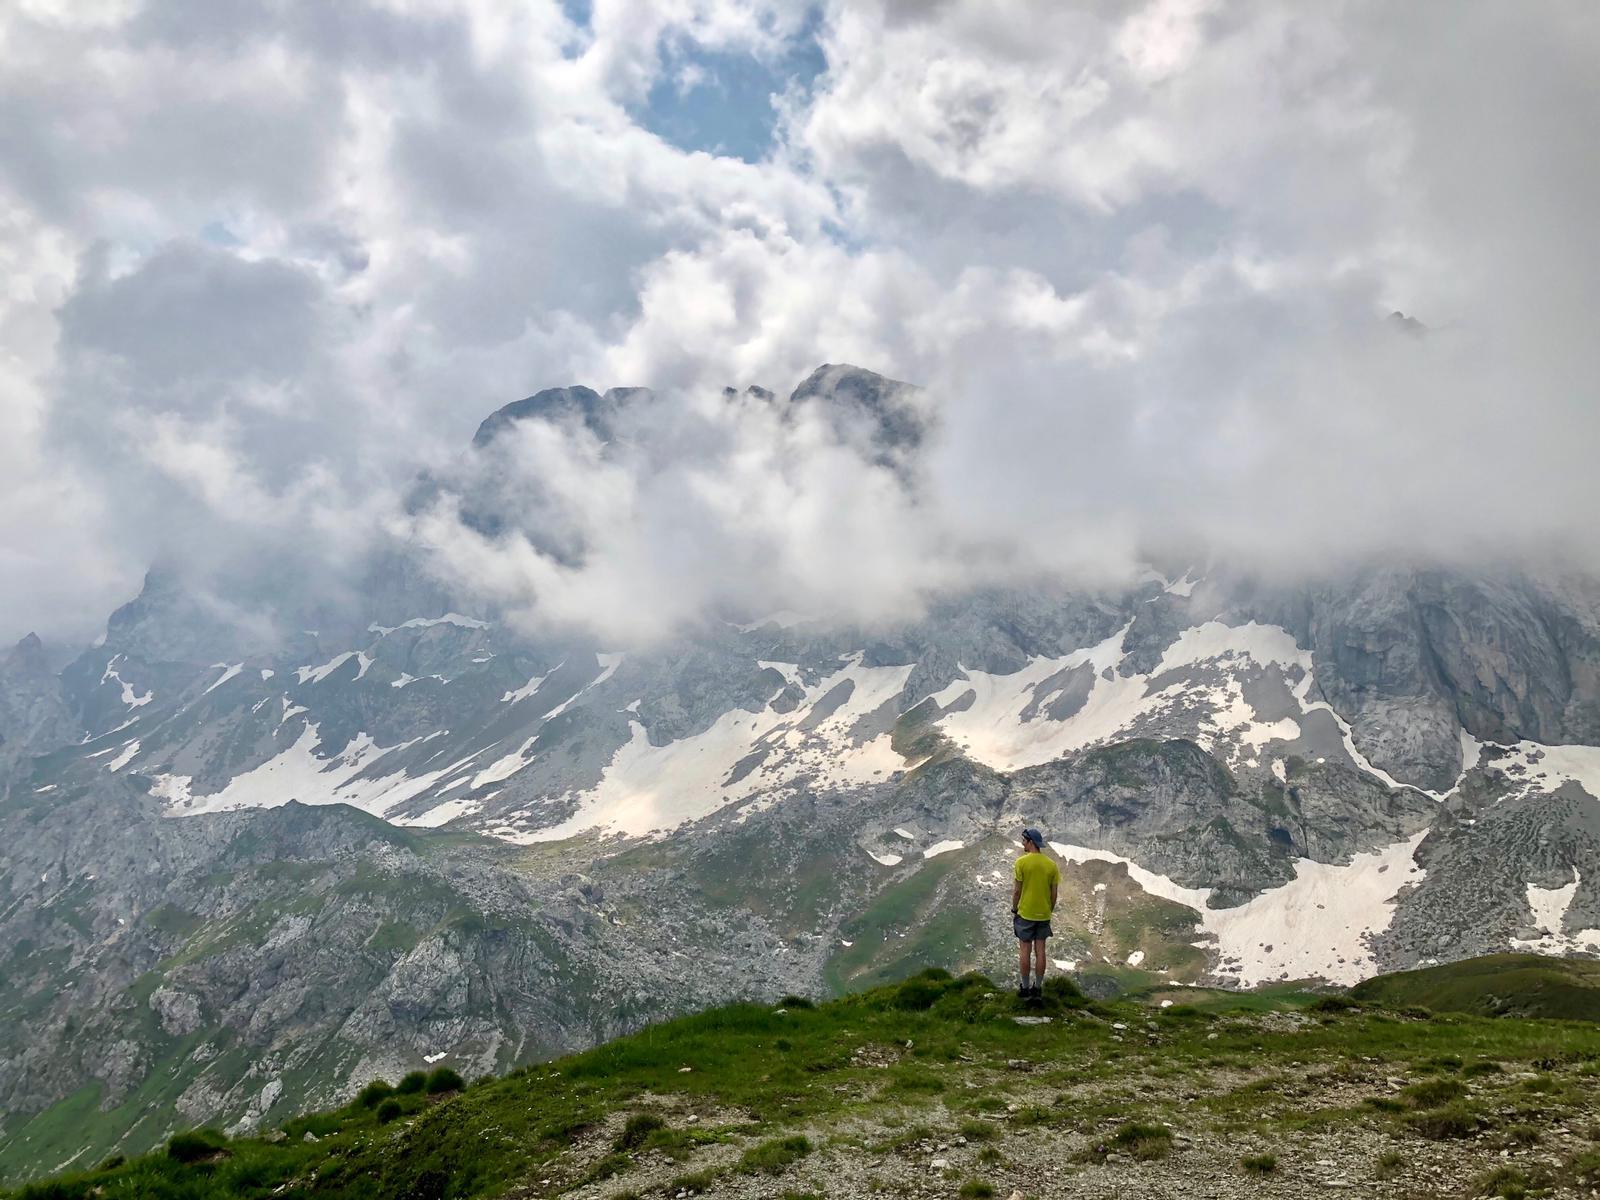 Wandern in den Bergen: Viele zieht es für ein Stück Freiheit ins Gebirge